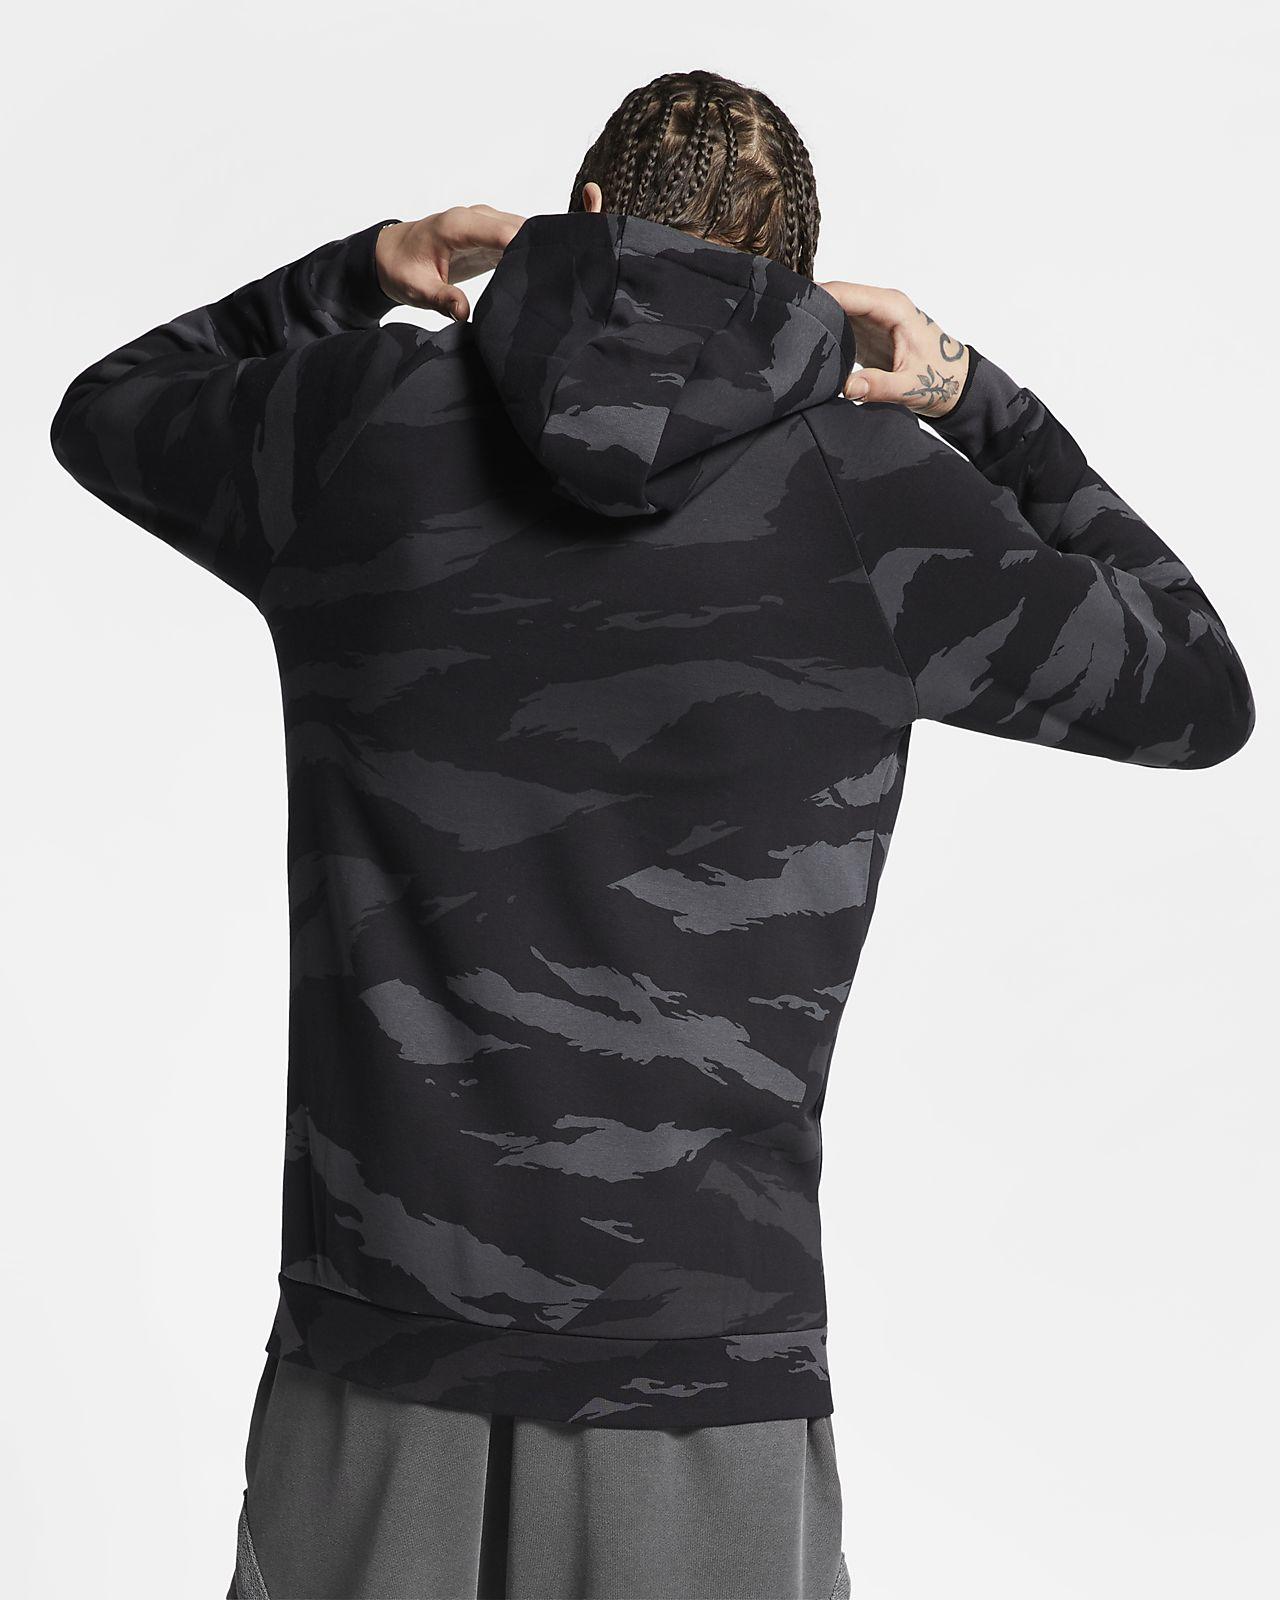 NIKE Felpa con cappuccio camouflage 'Air Jordan'